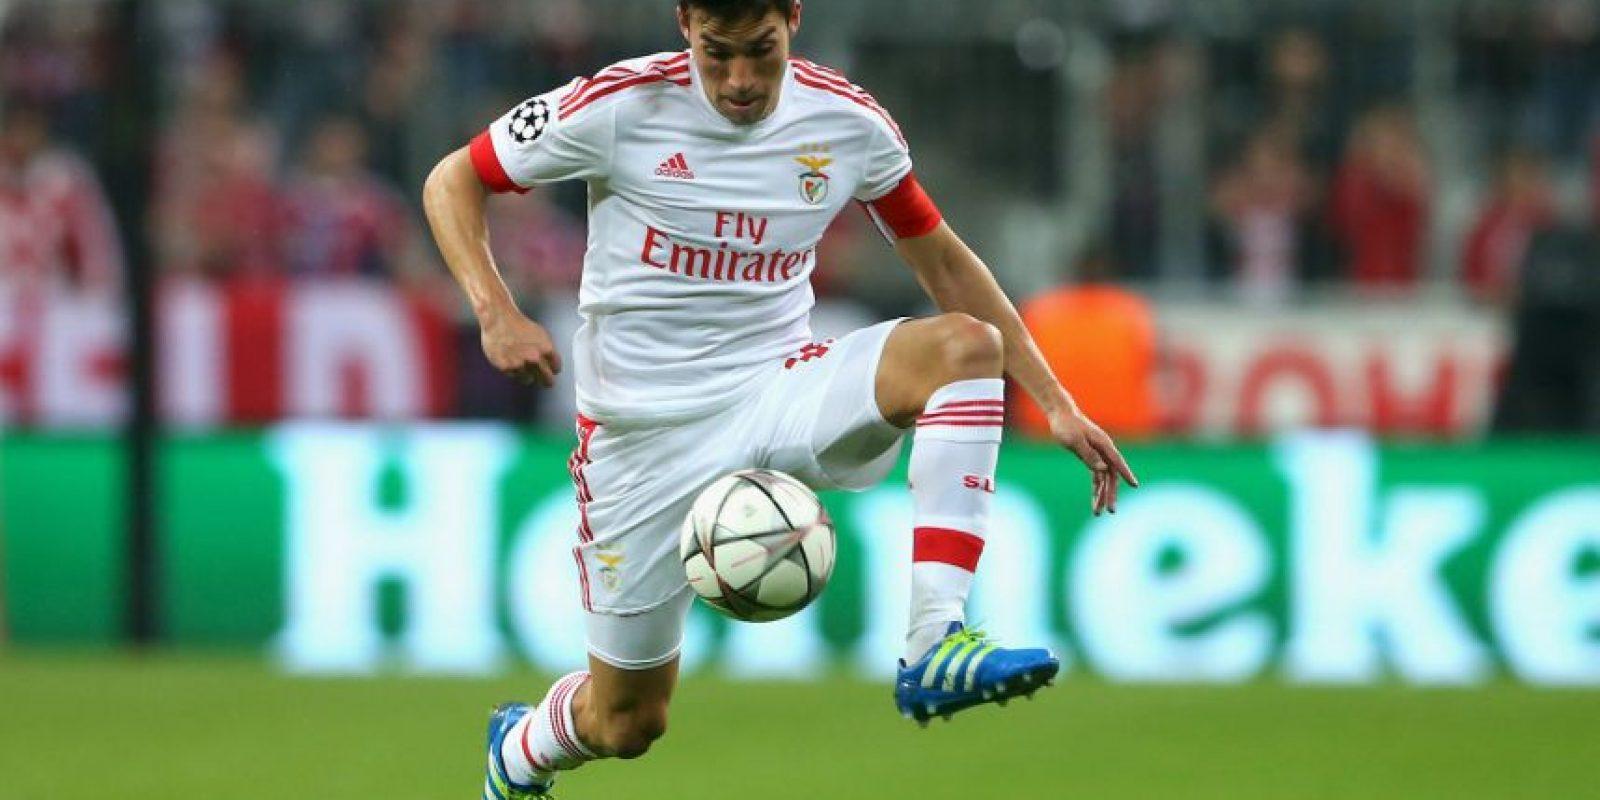 El delantero venía siendo figura en Benfica y se encuentra disputando la Copa América Centenario Foto:Getty Images